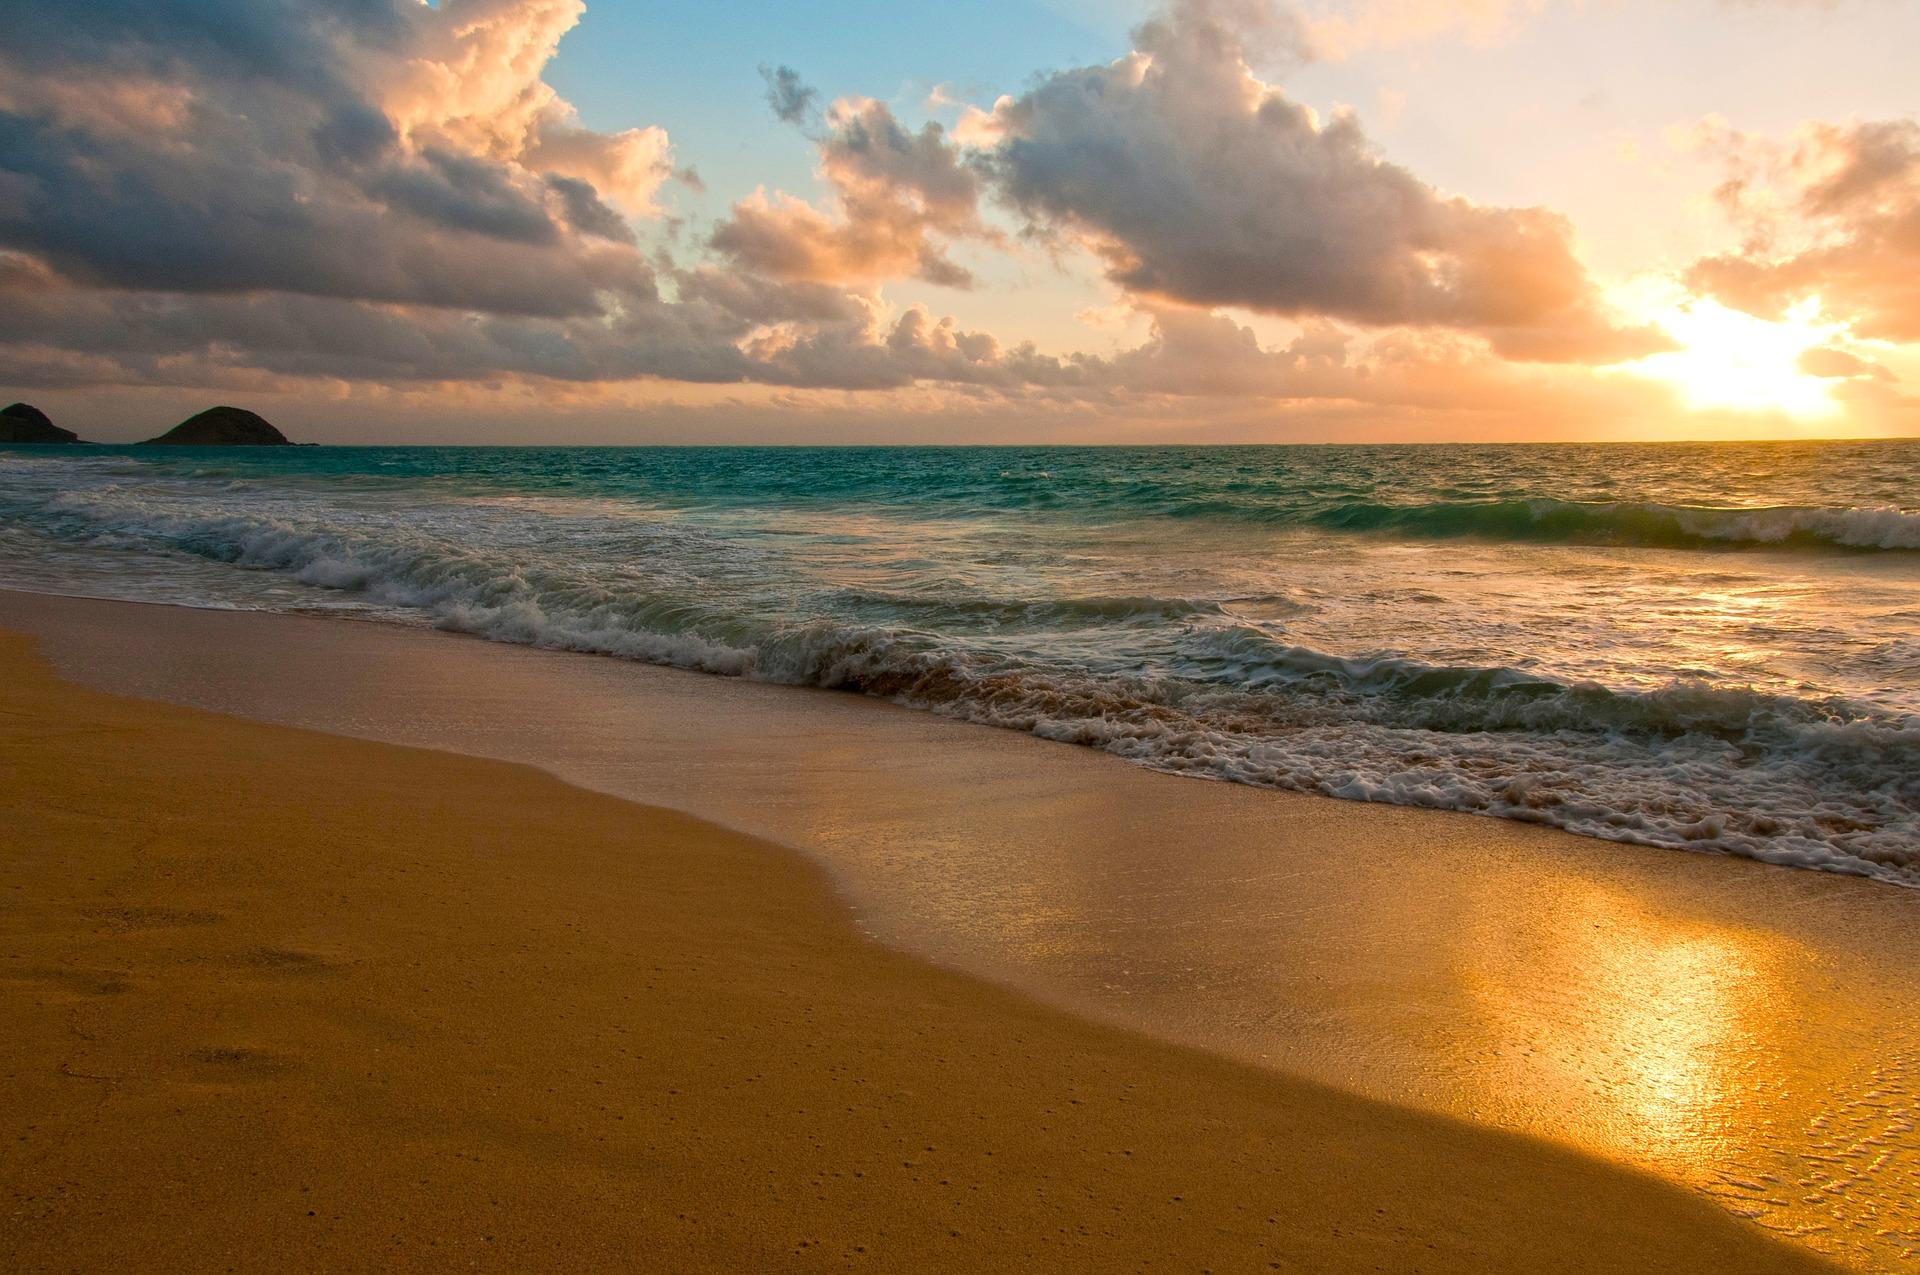 free-things-to-do-in-oahu-hawaii.jpg